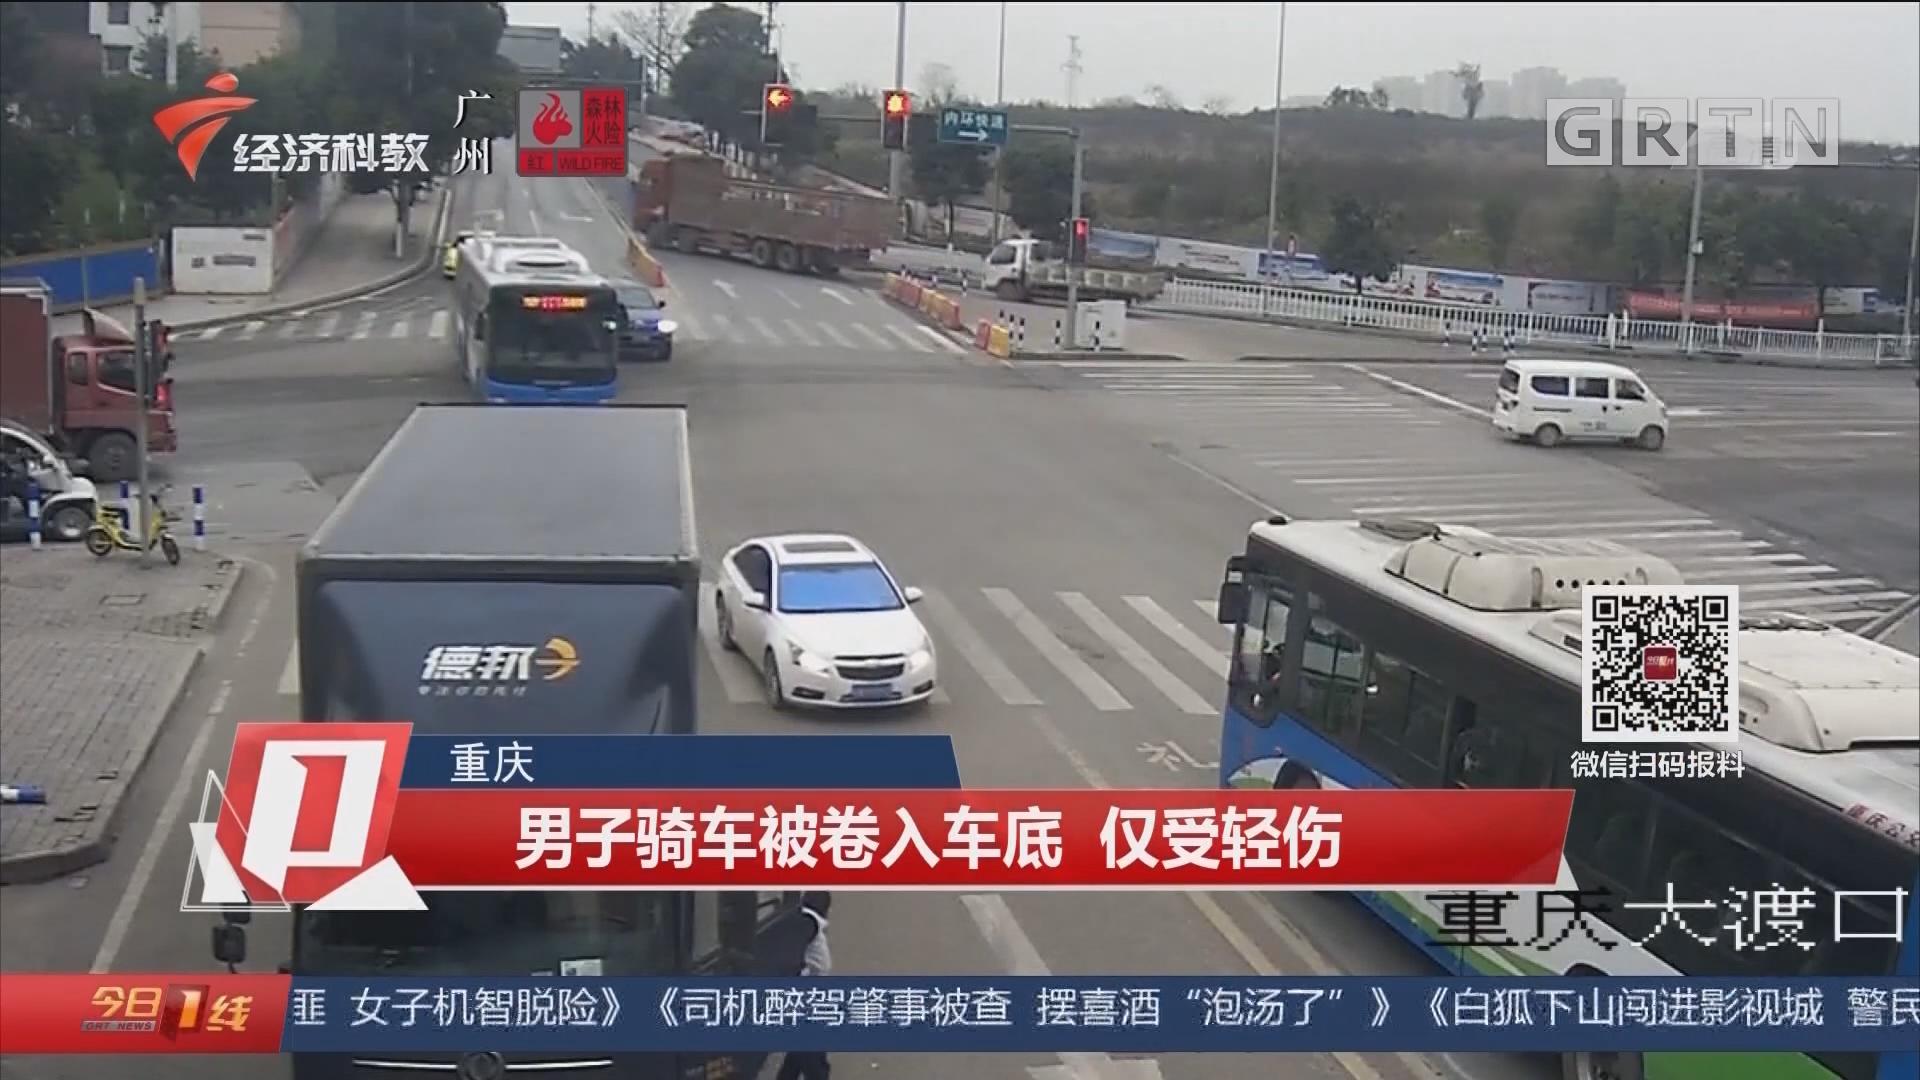 重庆 男子骑车被卷入车底 仅受轻伤